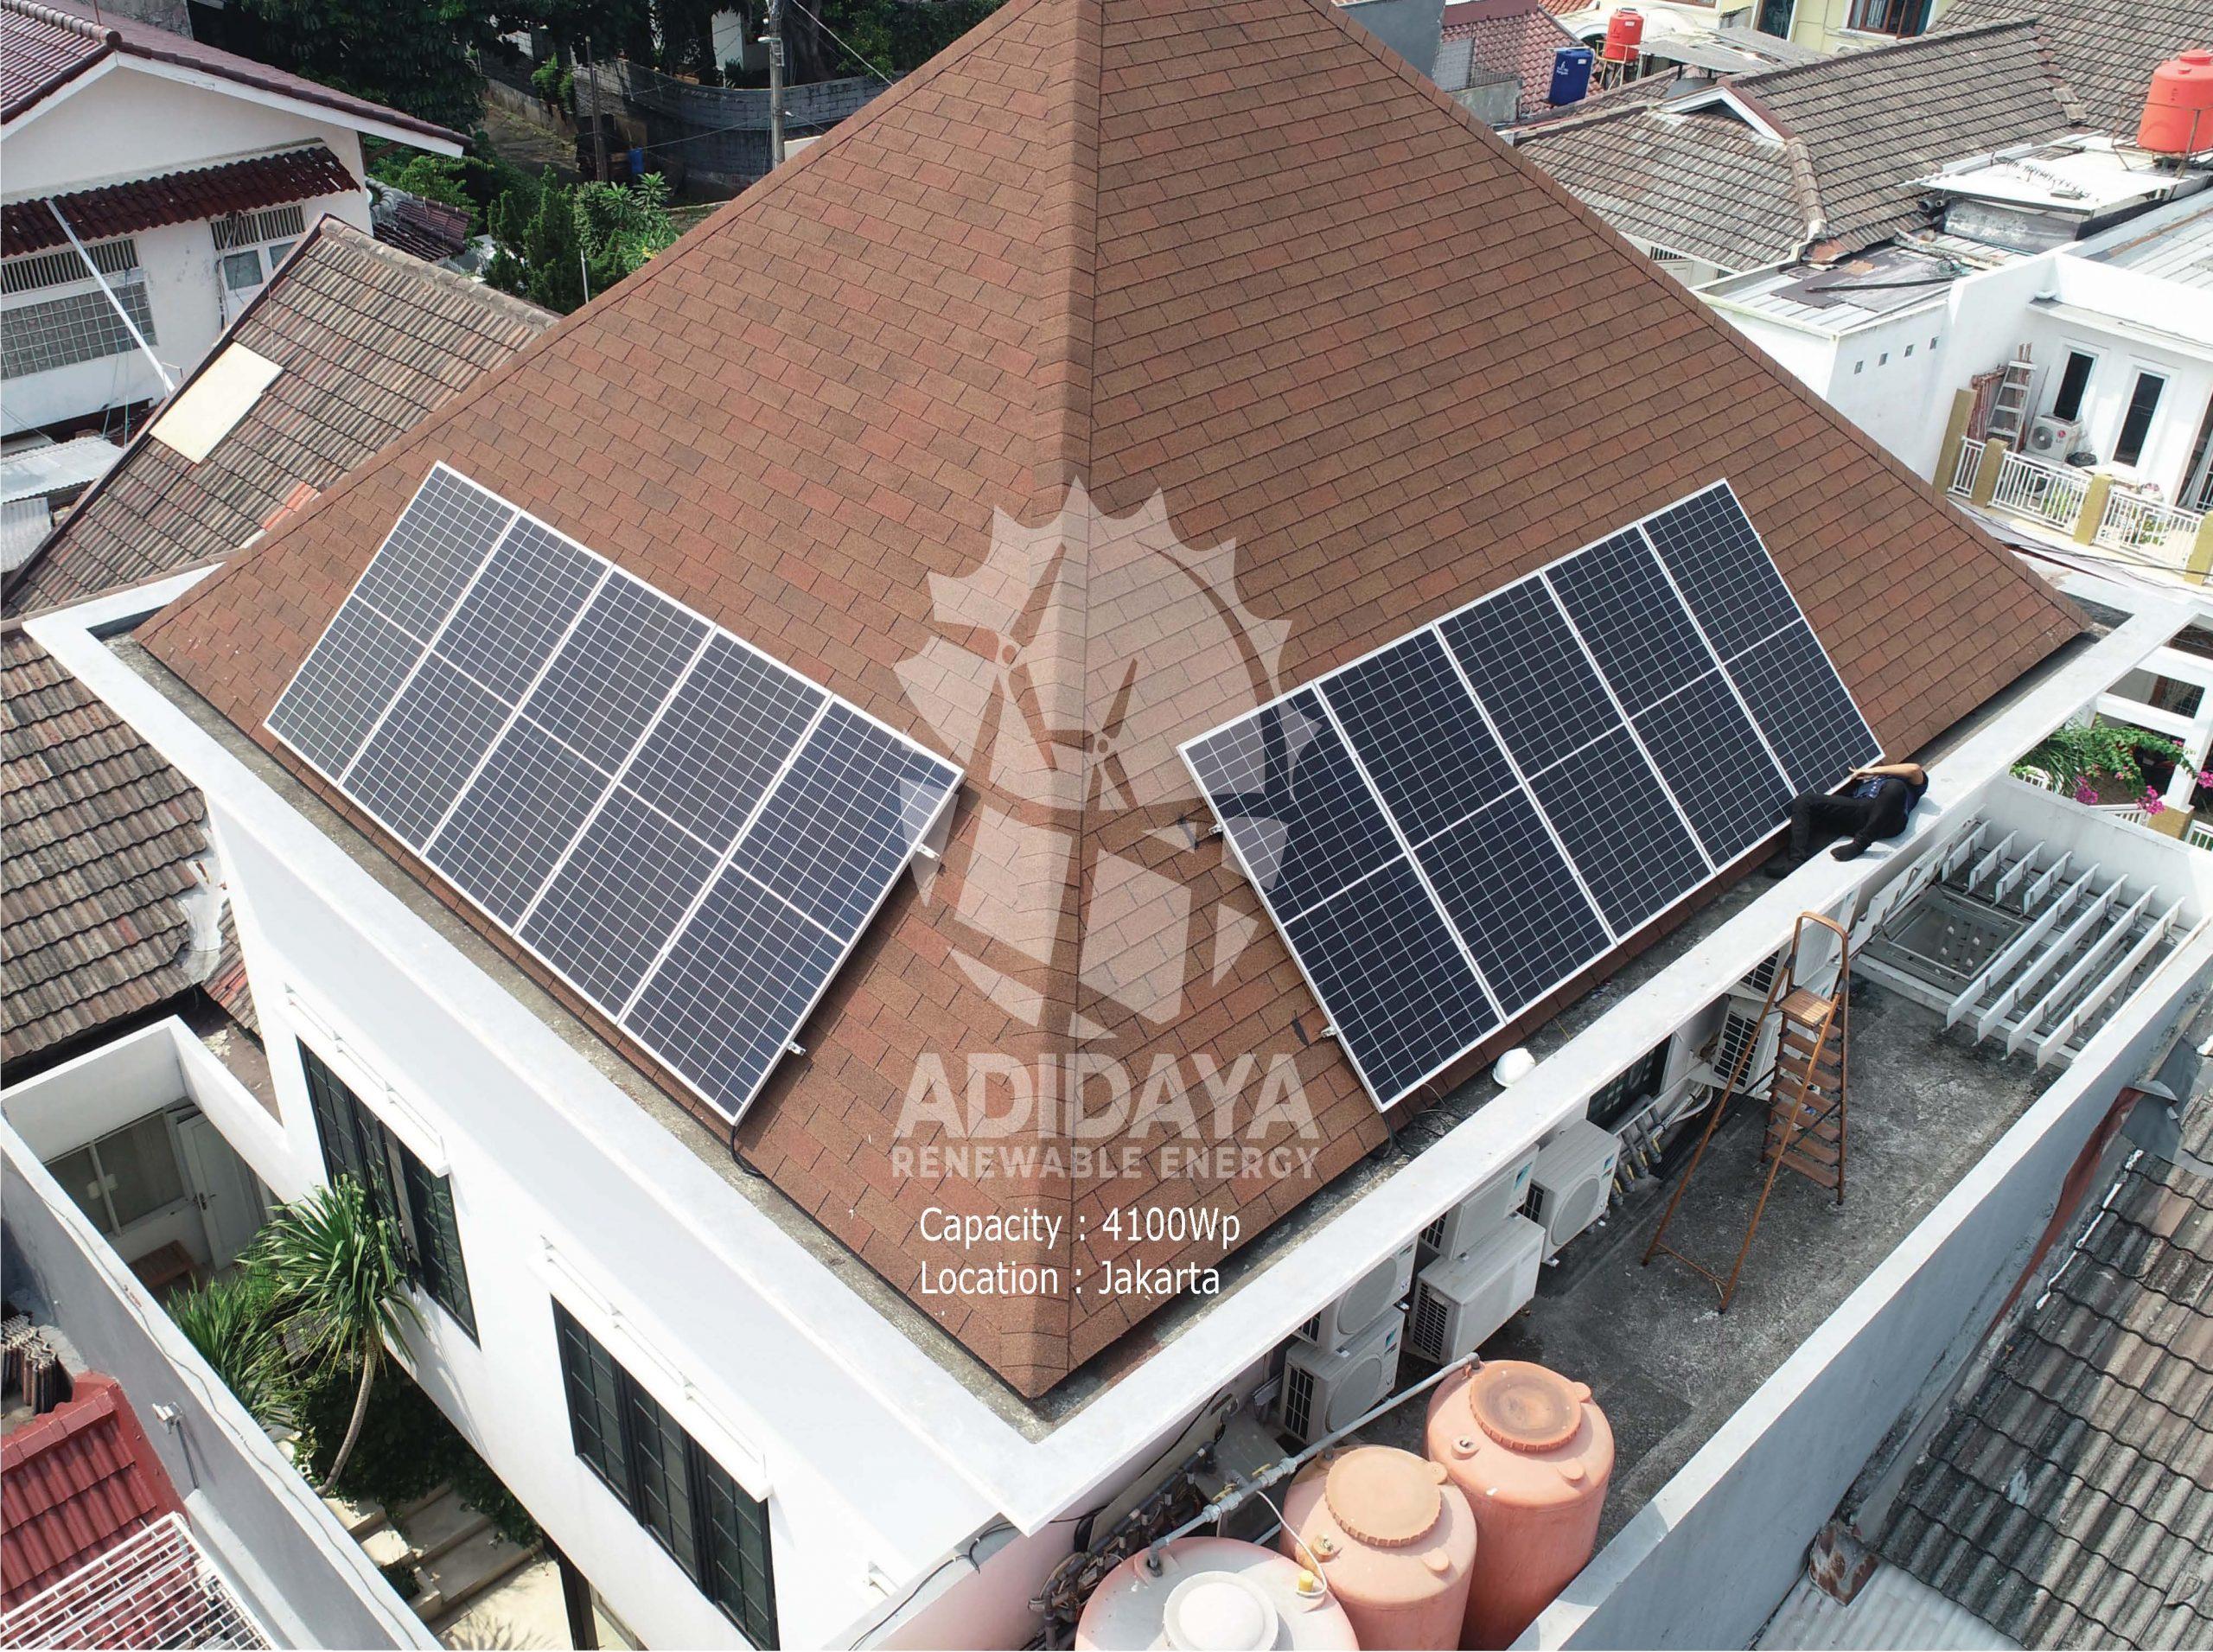 Adidaya Renewable Energy